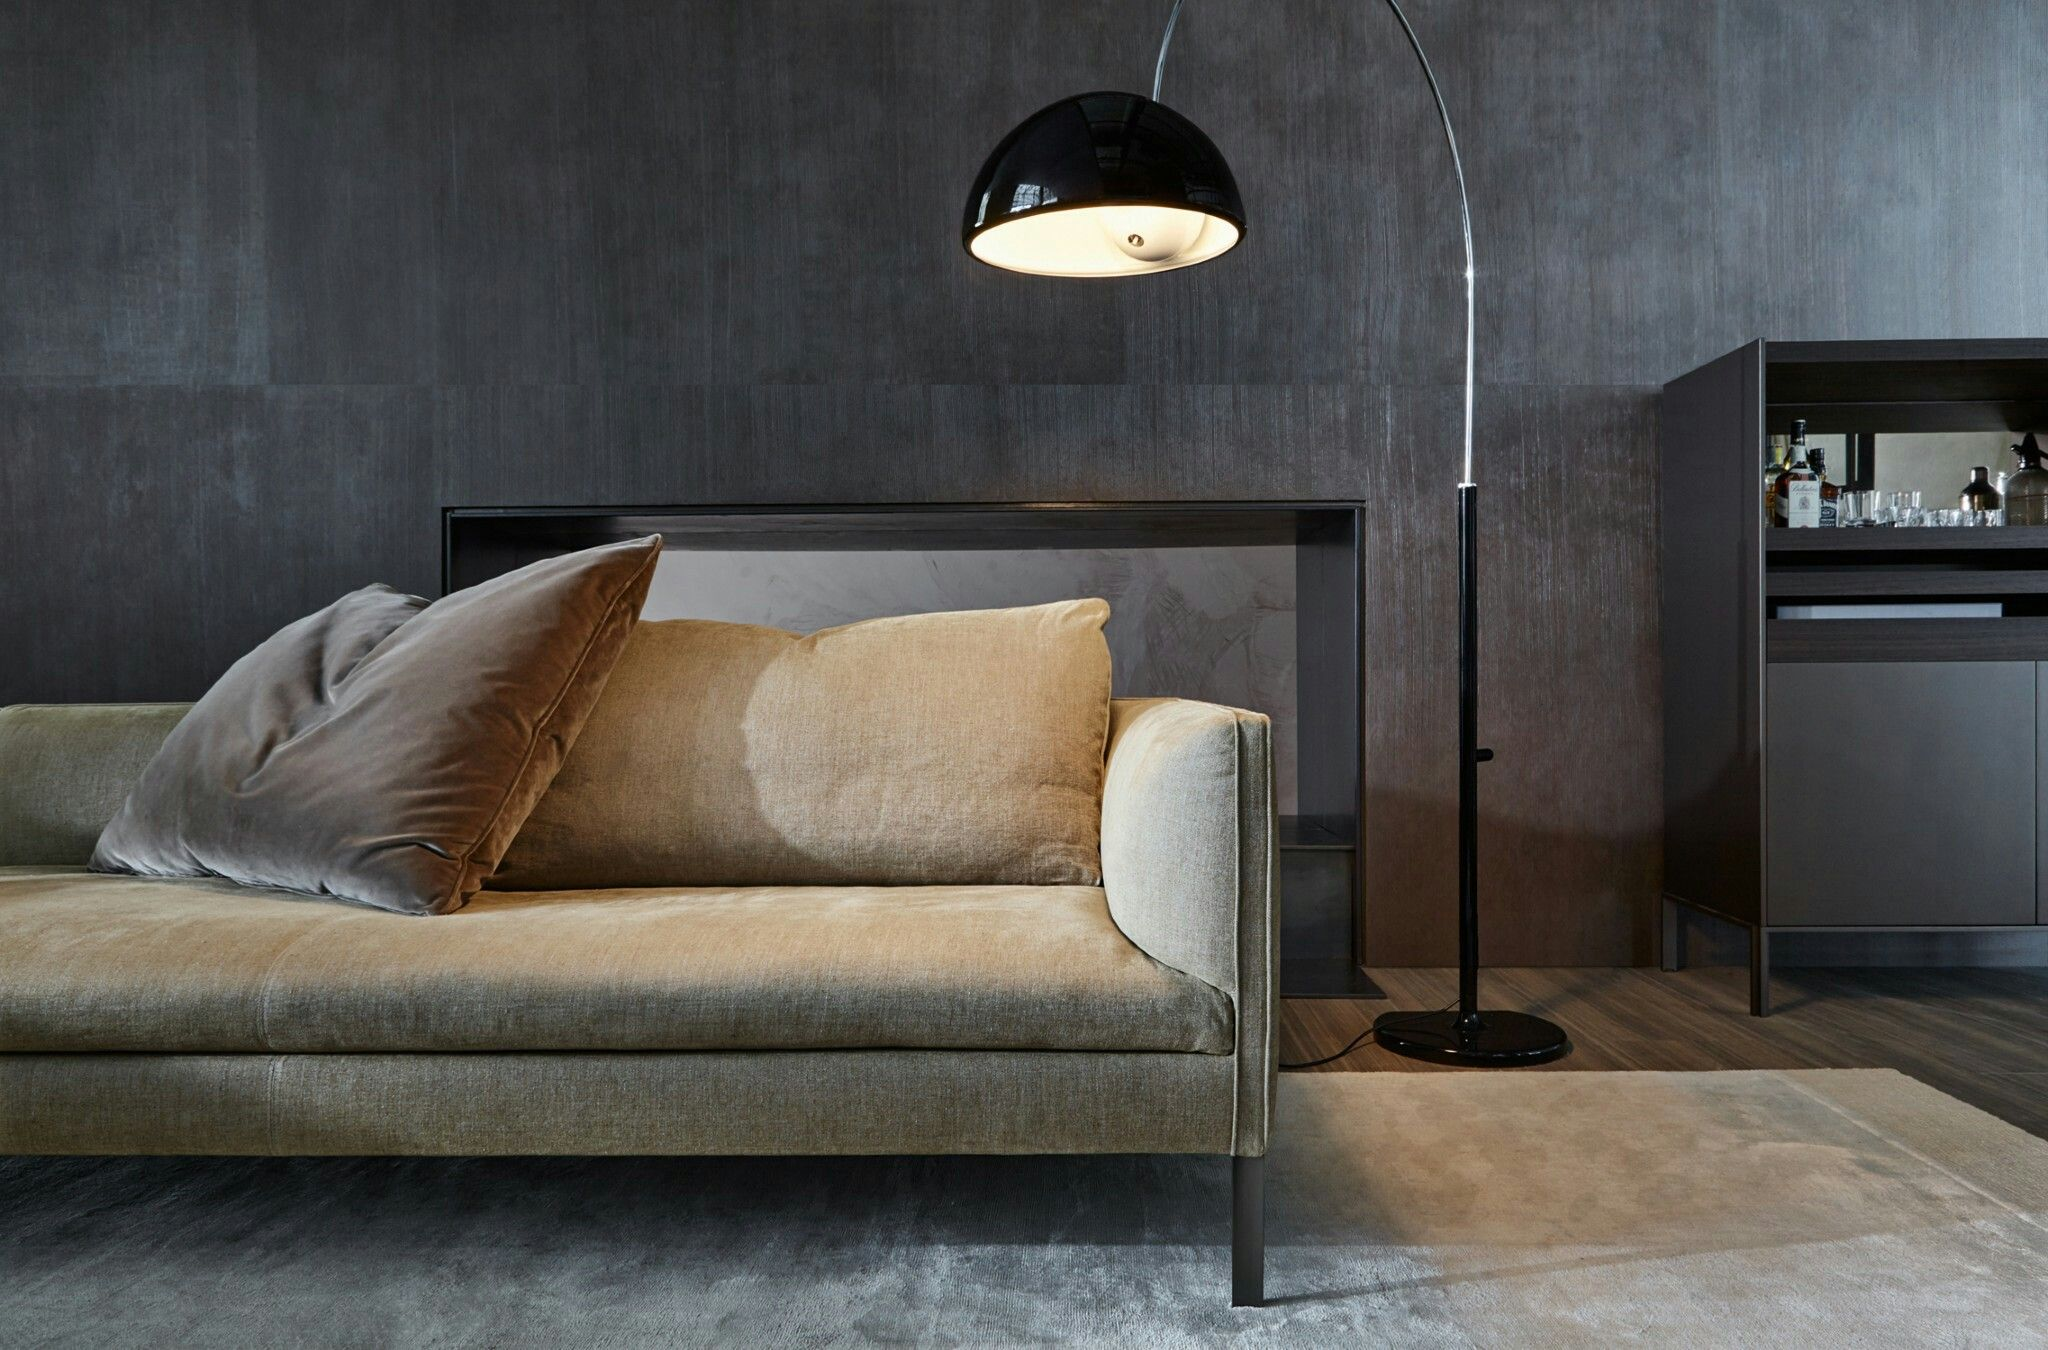 Paul sofa - Molteni - Vincent Van Duysen | FURN: Sofa | Pinterest ...